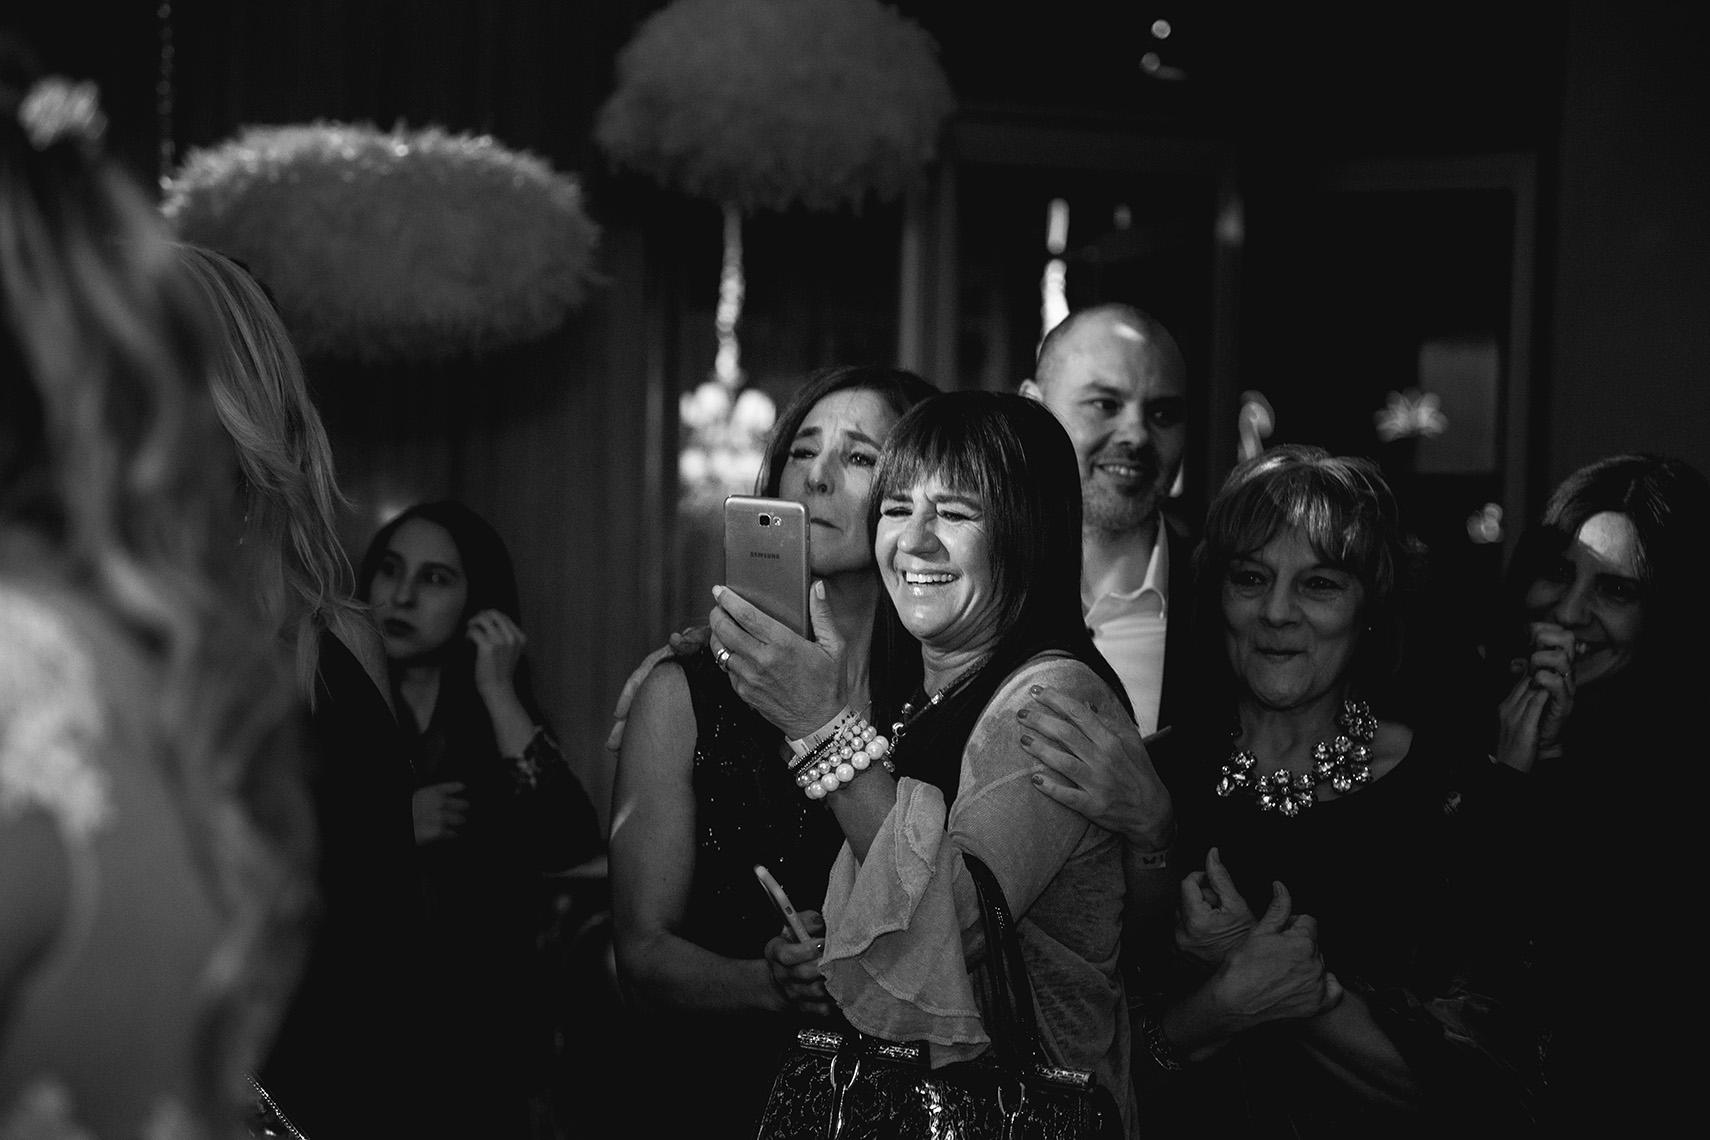 Fotos de la fiesta de quince de Bianca en Rosario realizadas por Bucle Fotografias Flor Bosio y Caro Clerici